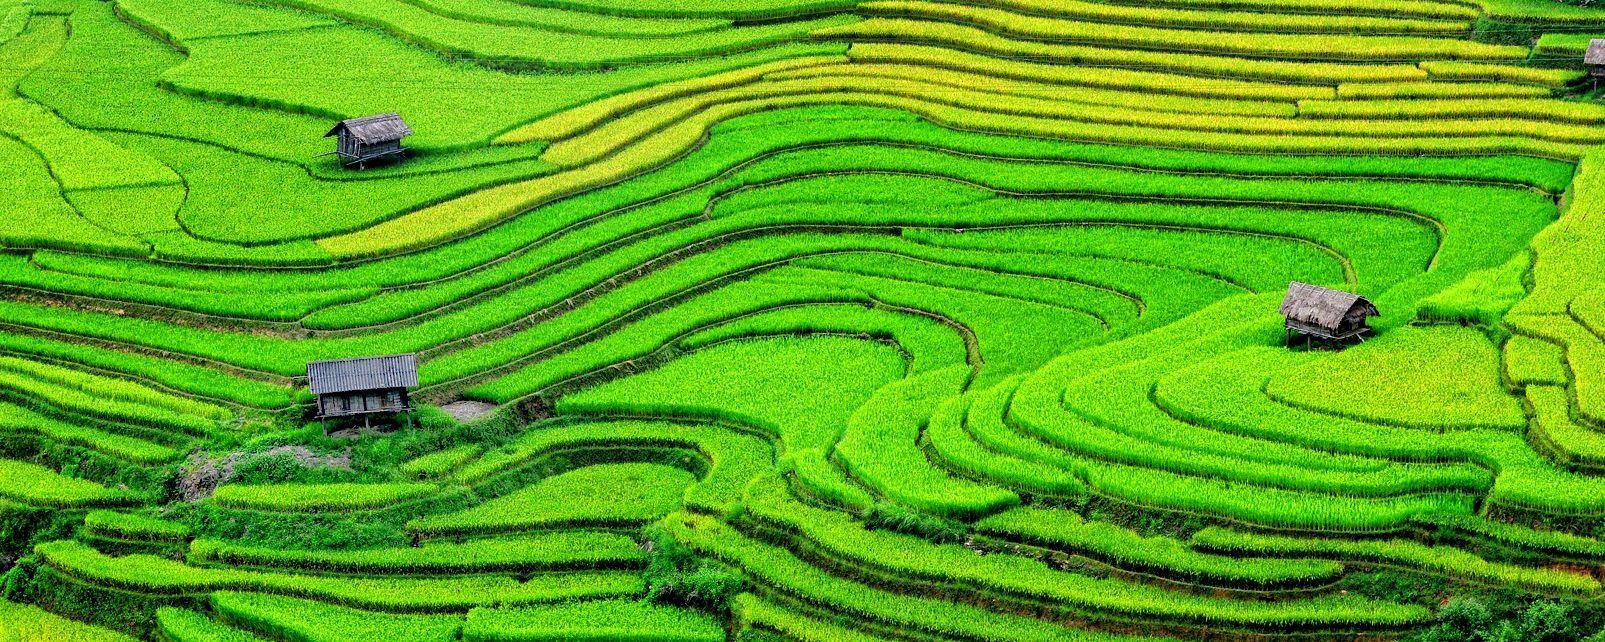 Les rizières de Sapa , Vietnam